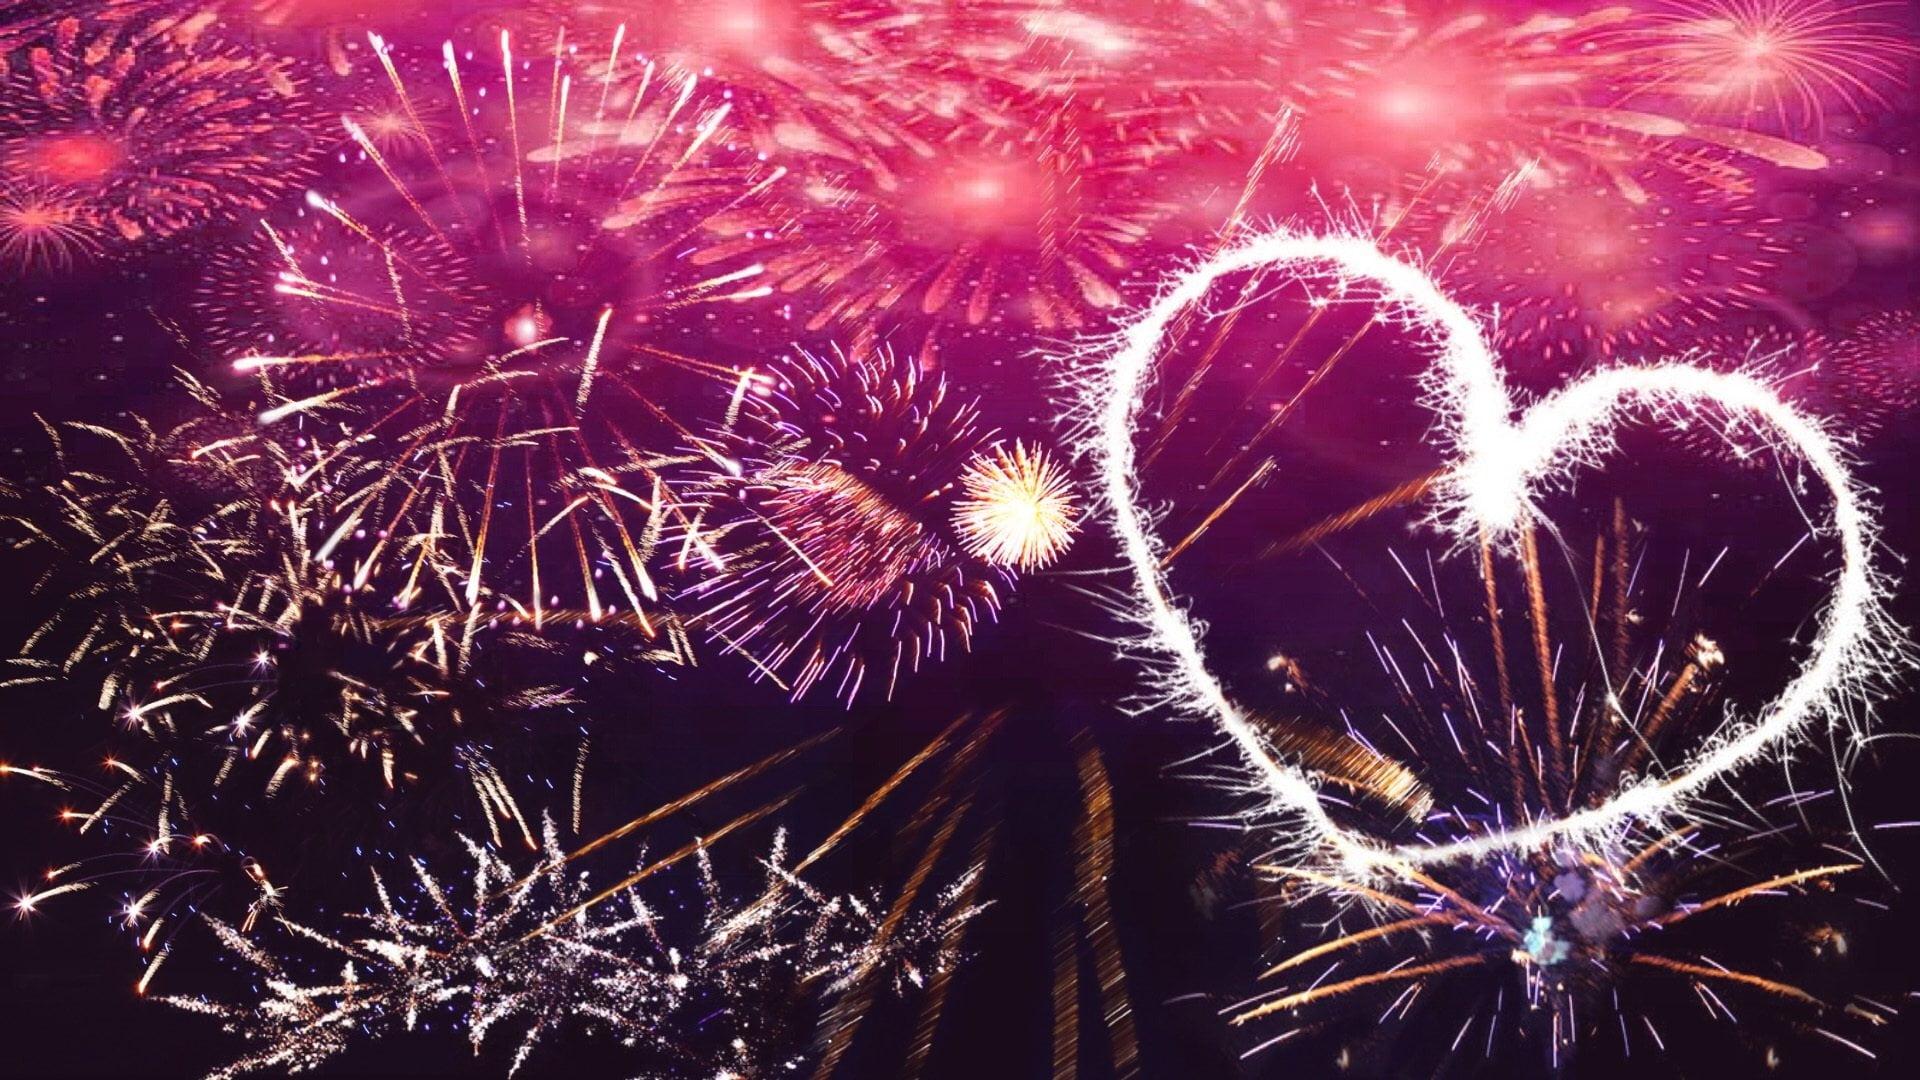 Confesiuni păcătoase și urări de Un An Nou așa cum îți dorești! – guest post Cristina Gherghel